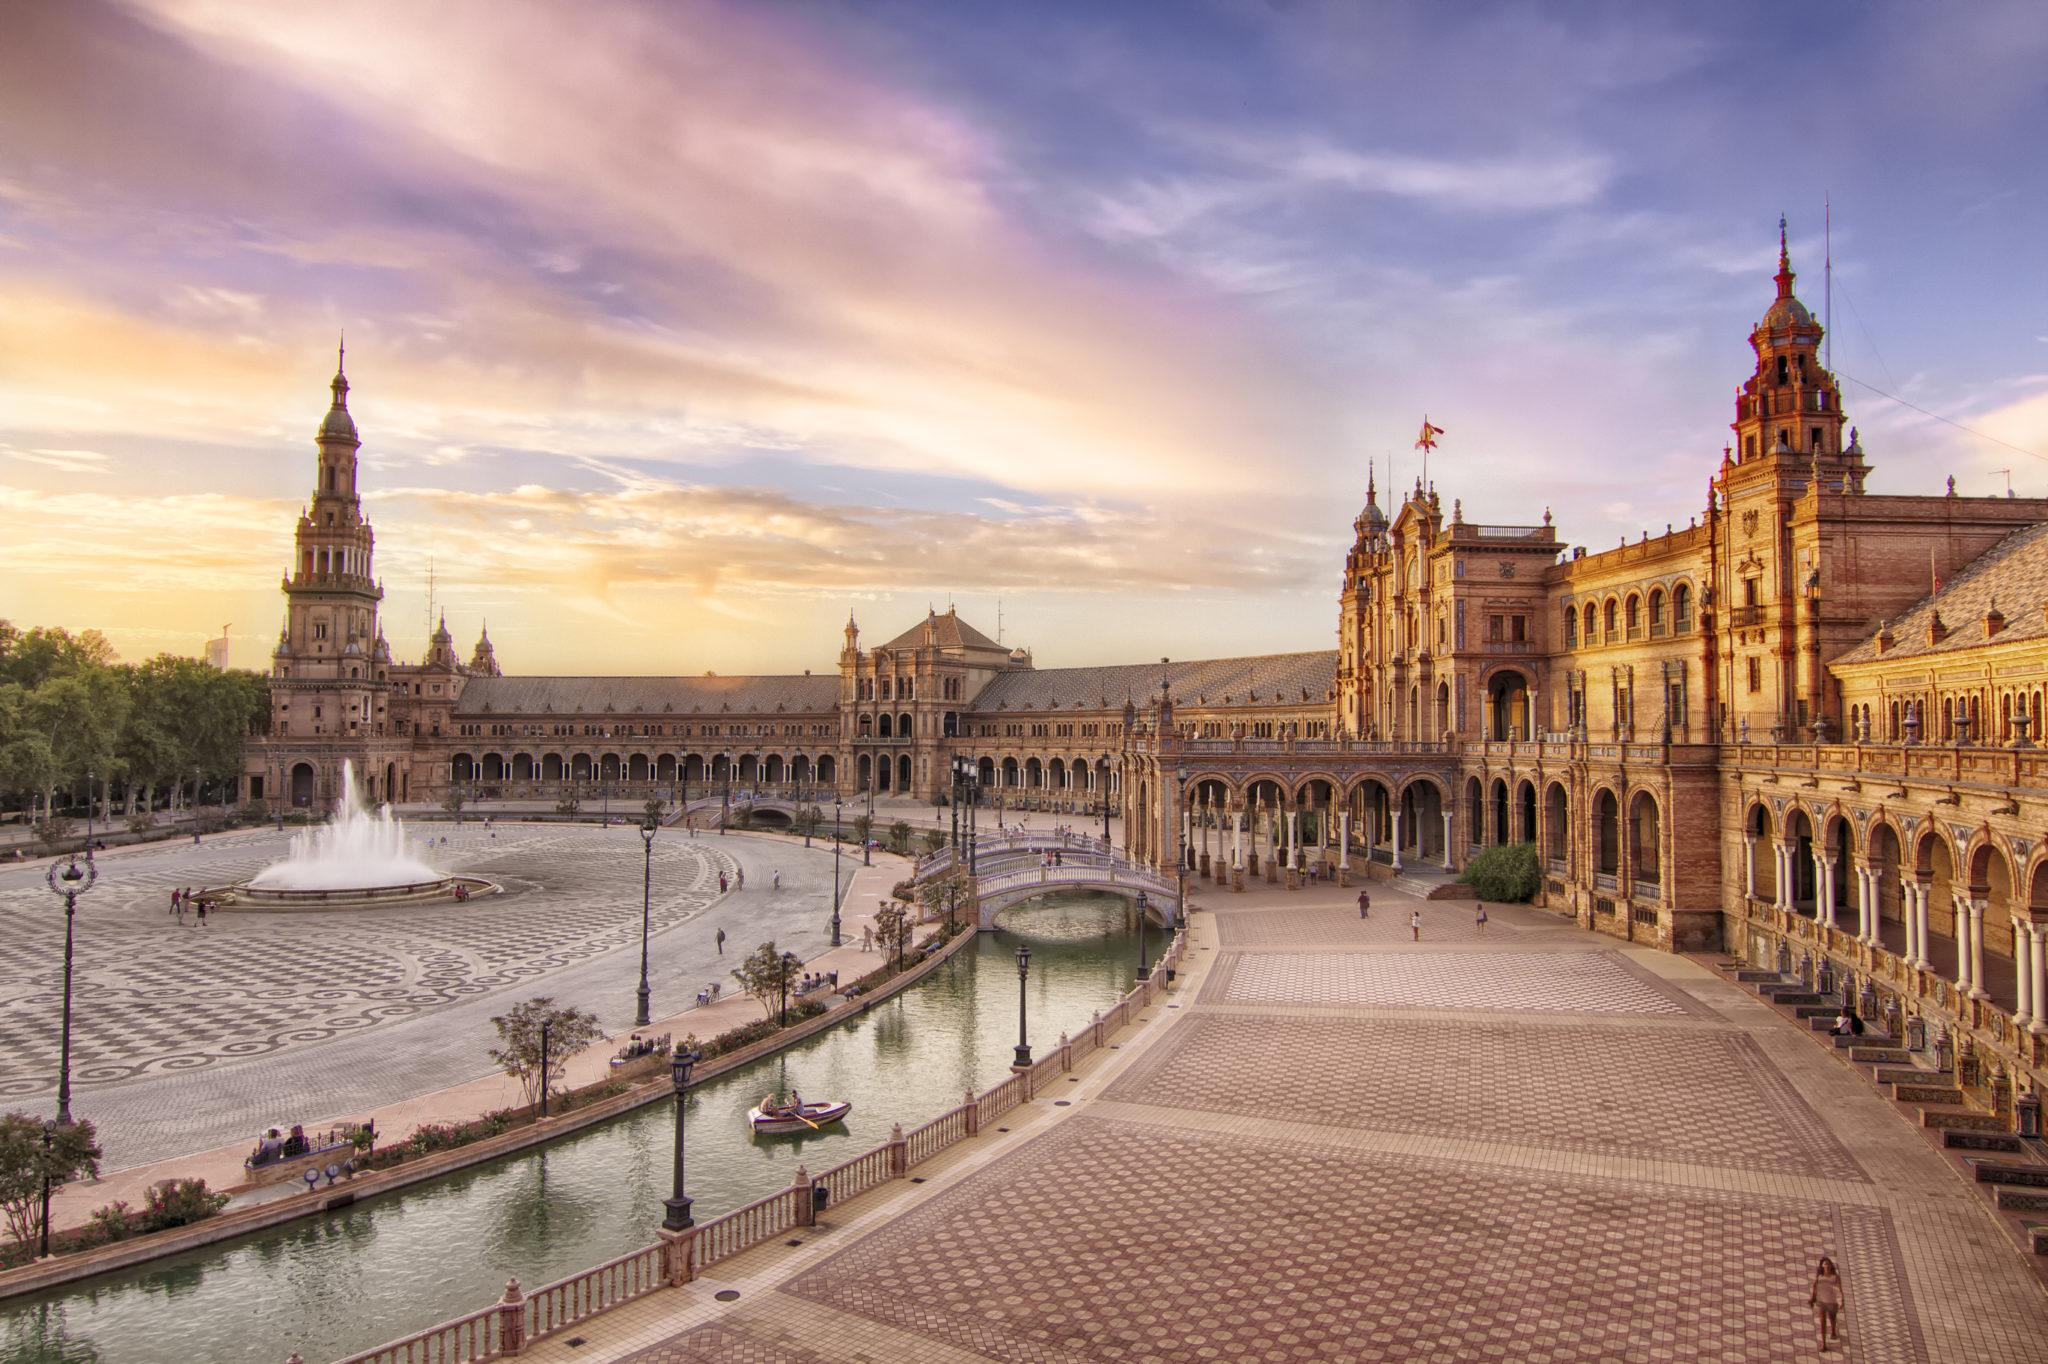 вводили фото испании красивых мест венгерское, мой муж